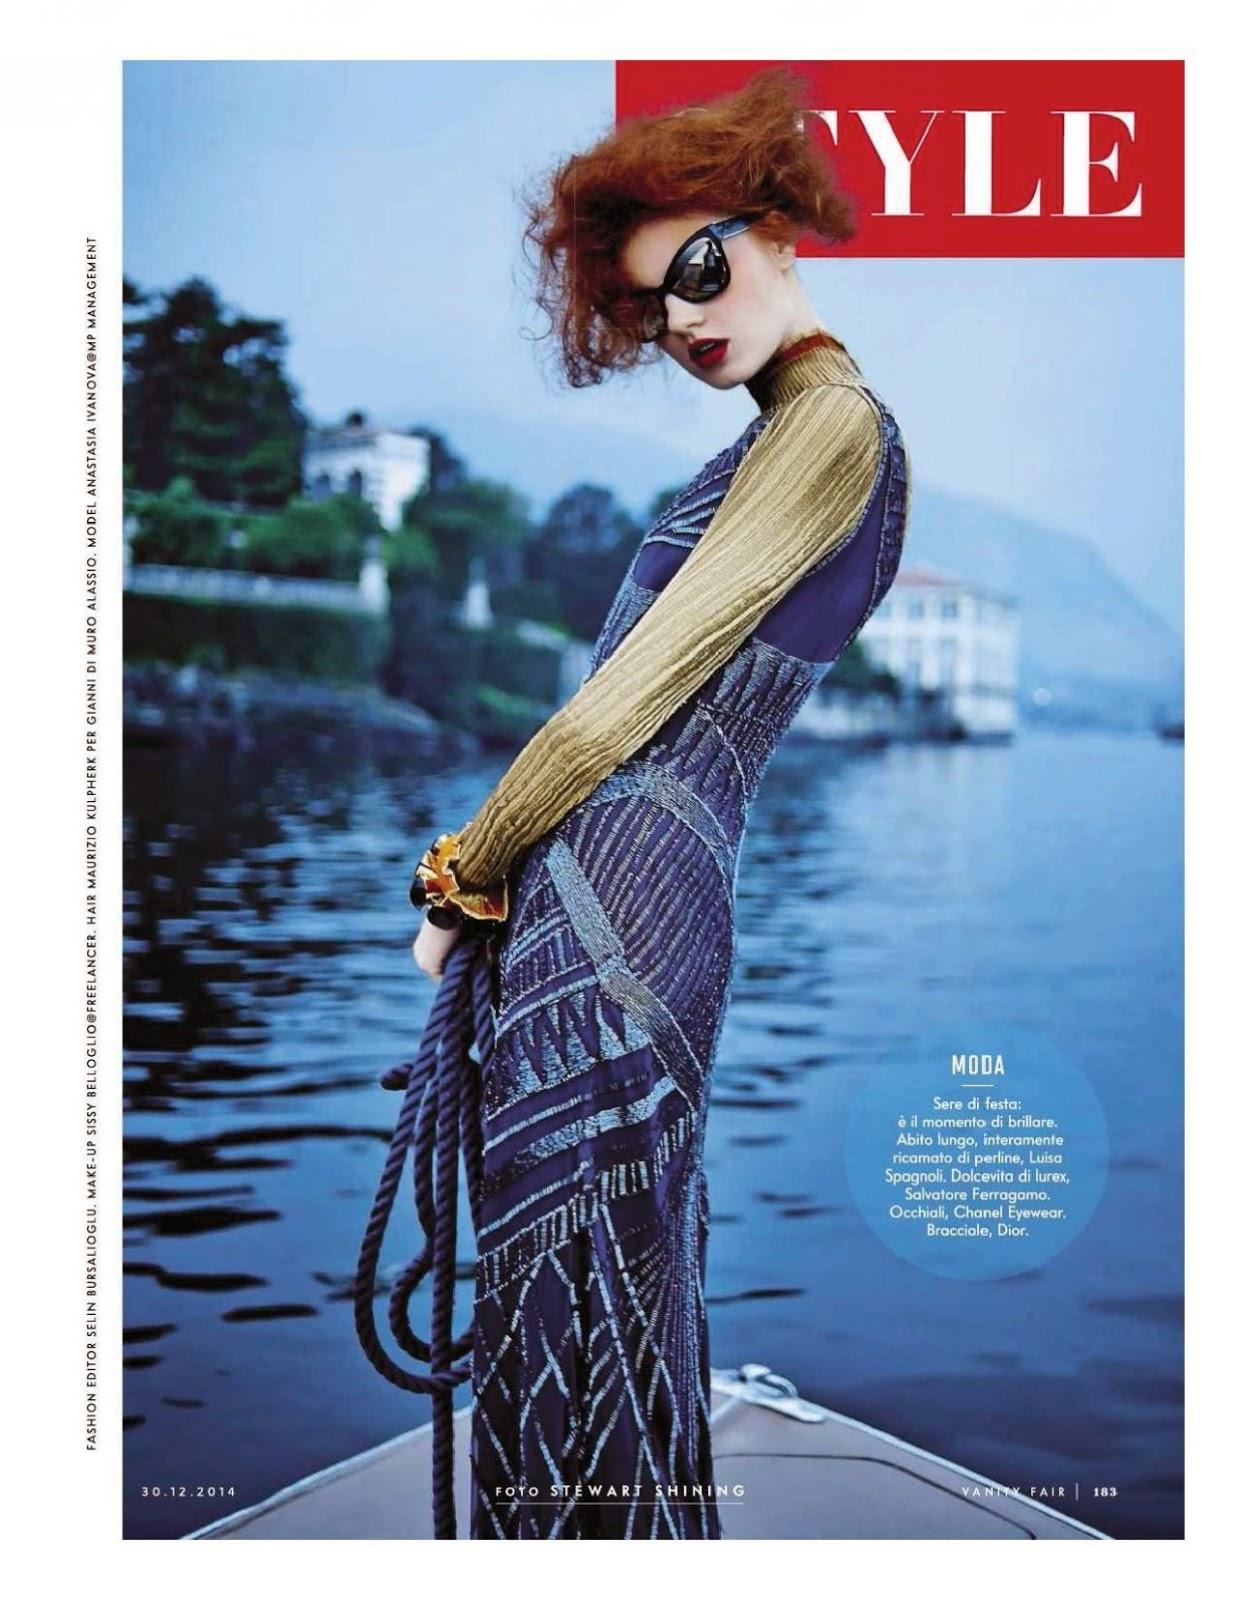 صور الموديل اناستازيا ايفانوفا في مجلة Vanity Fair الايطالية